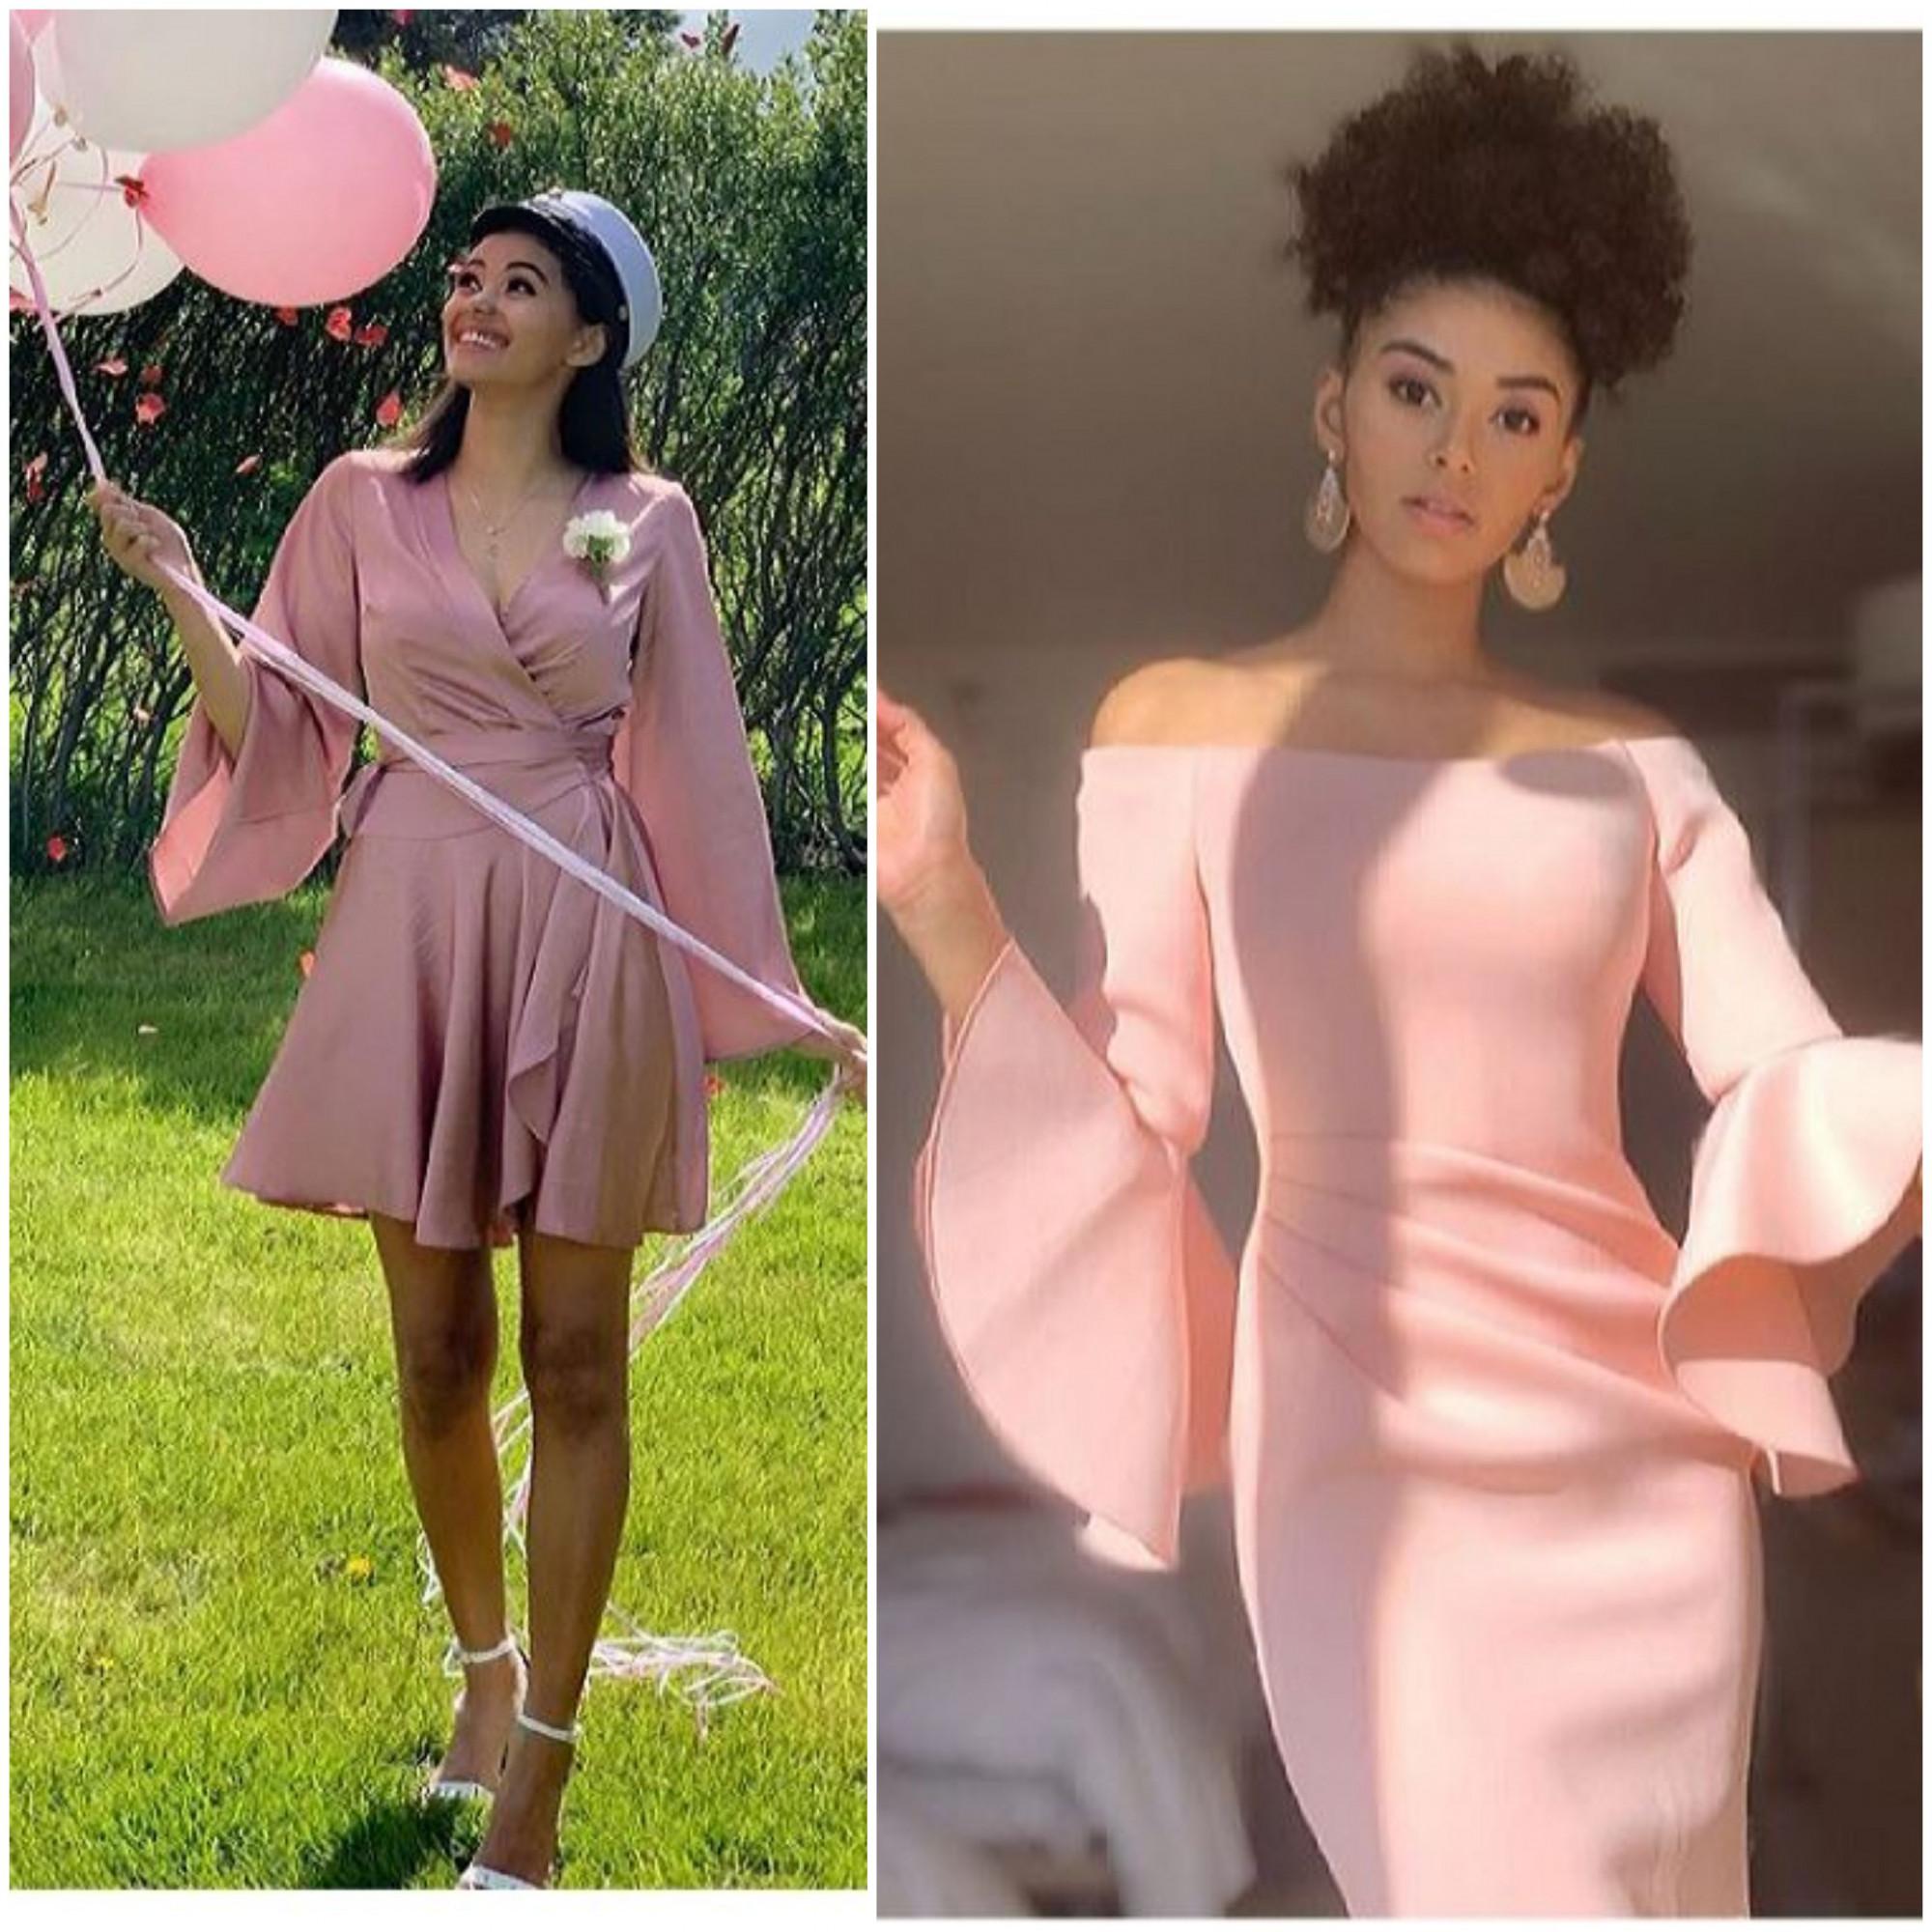 Thỉnh thoảng, Brita cũng đầy nữ tính, ngọt ngào với trang phục hồng pastel